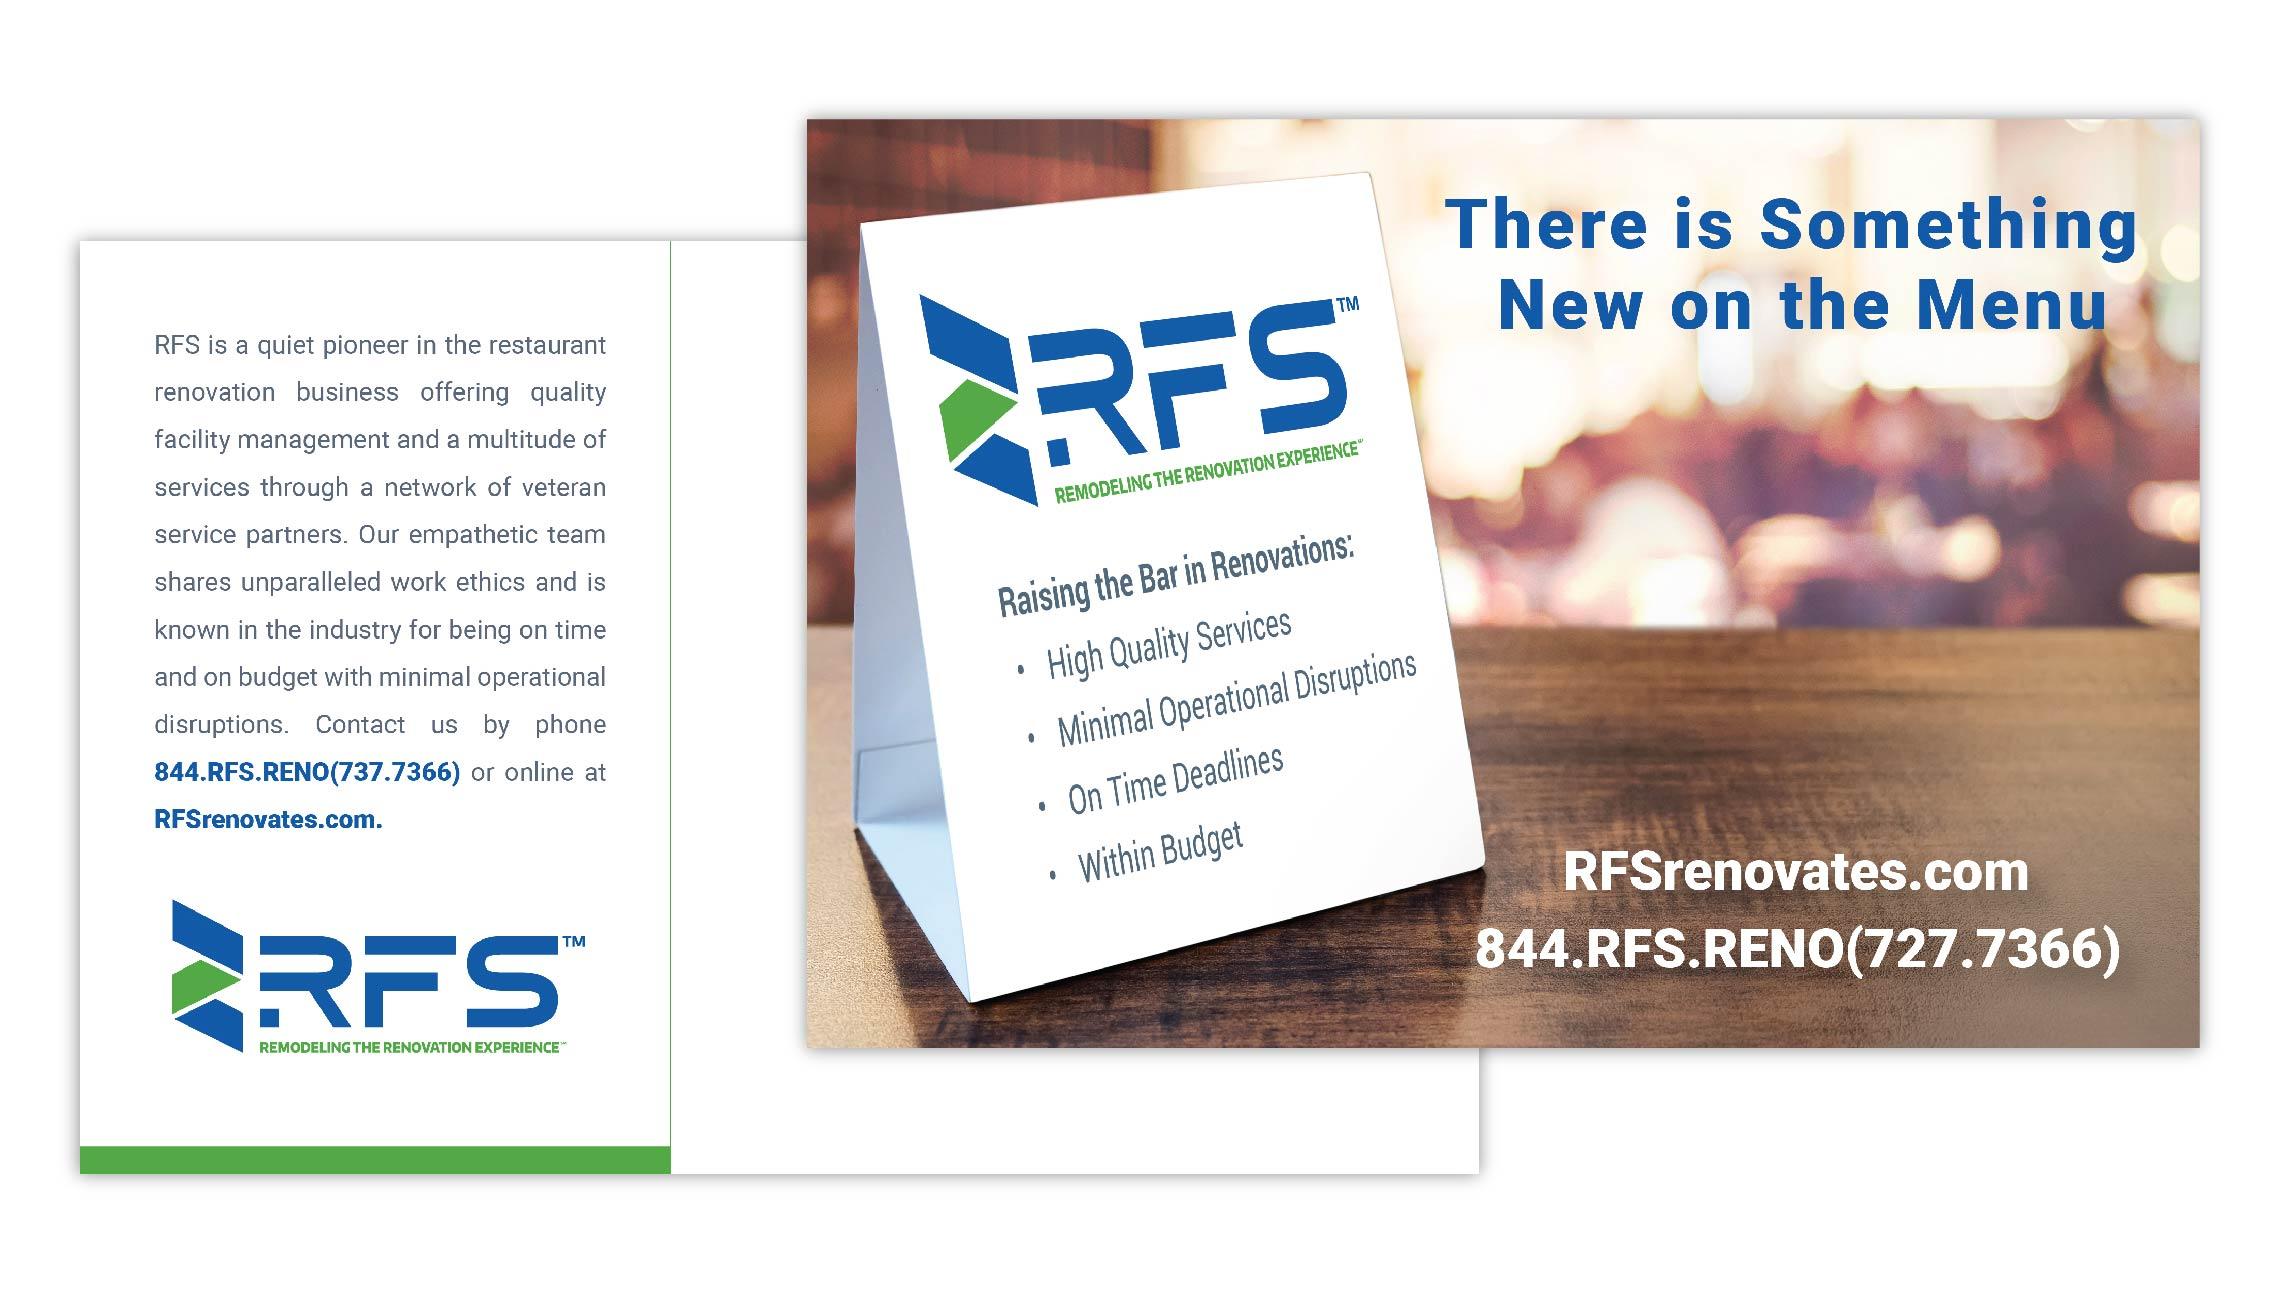 Postcard mailer for RFS